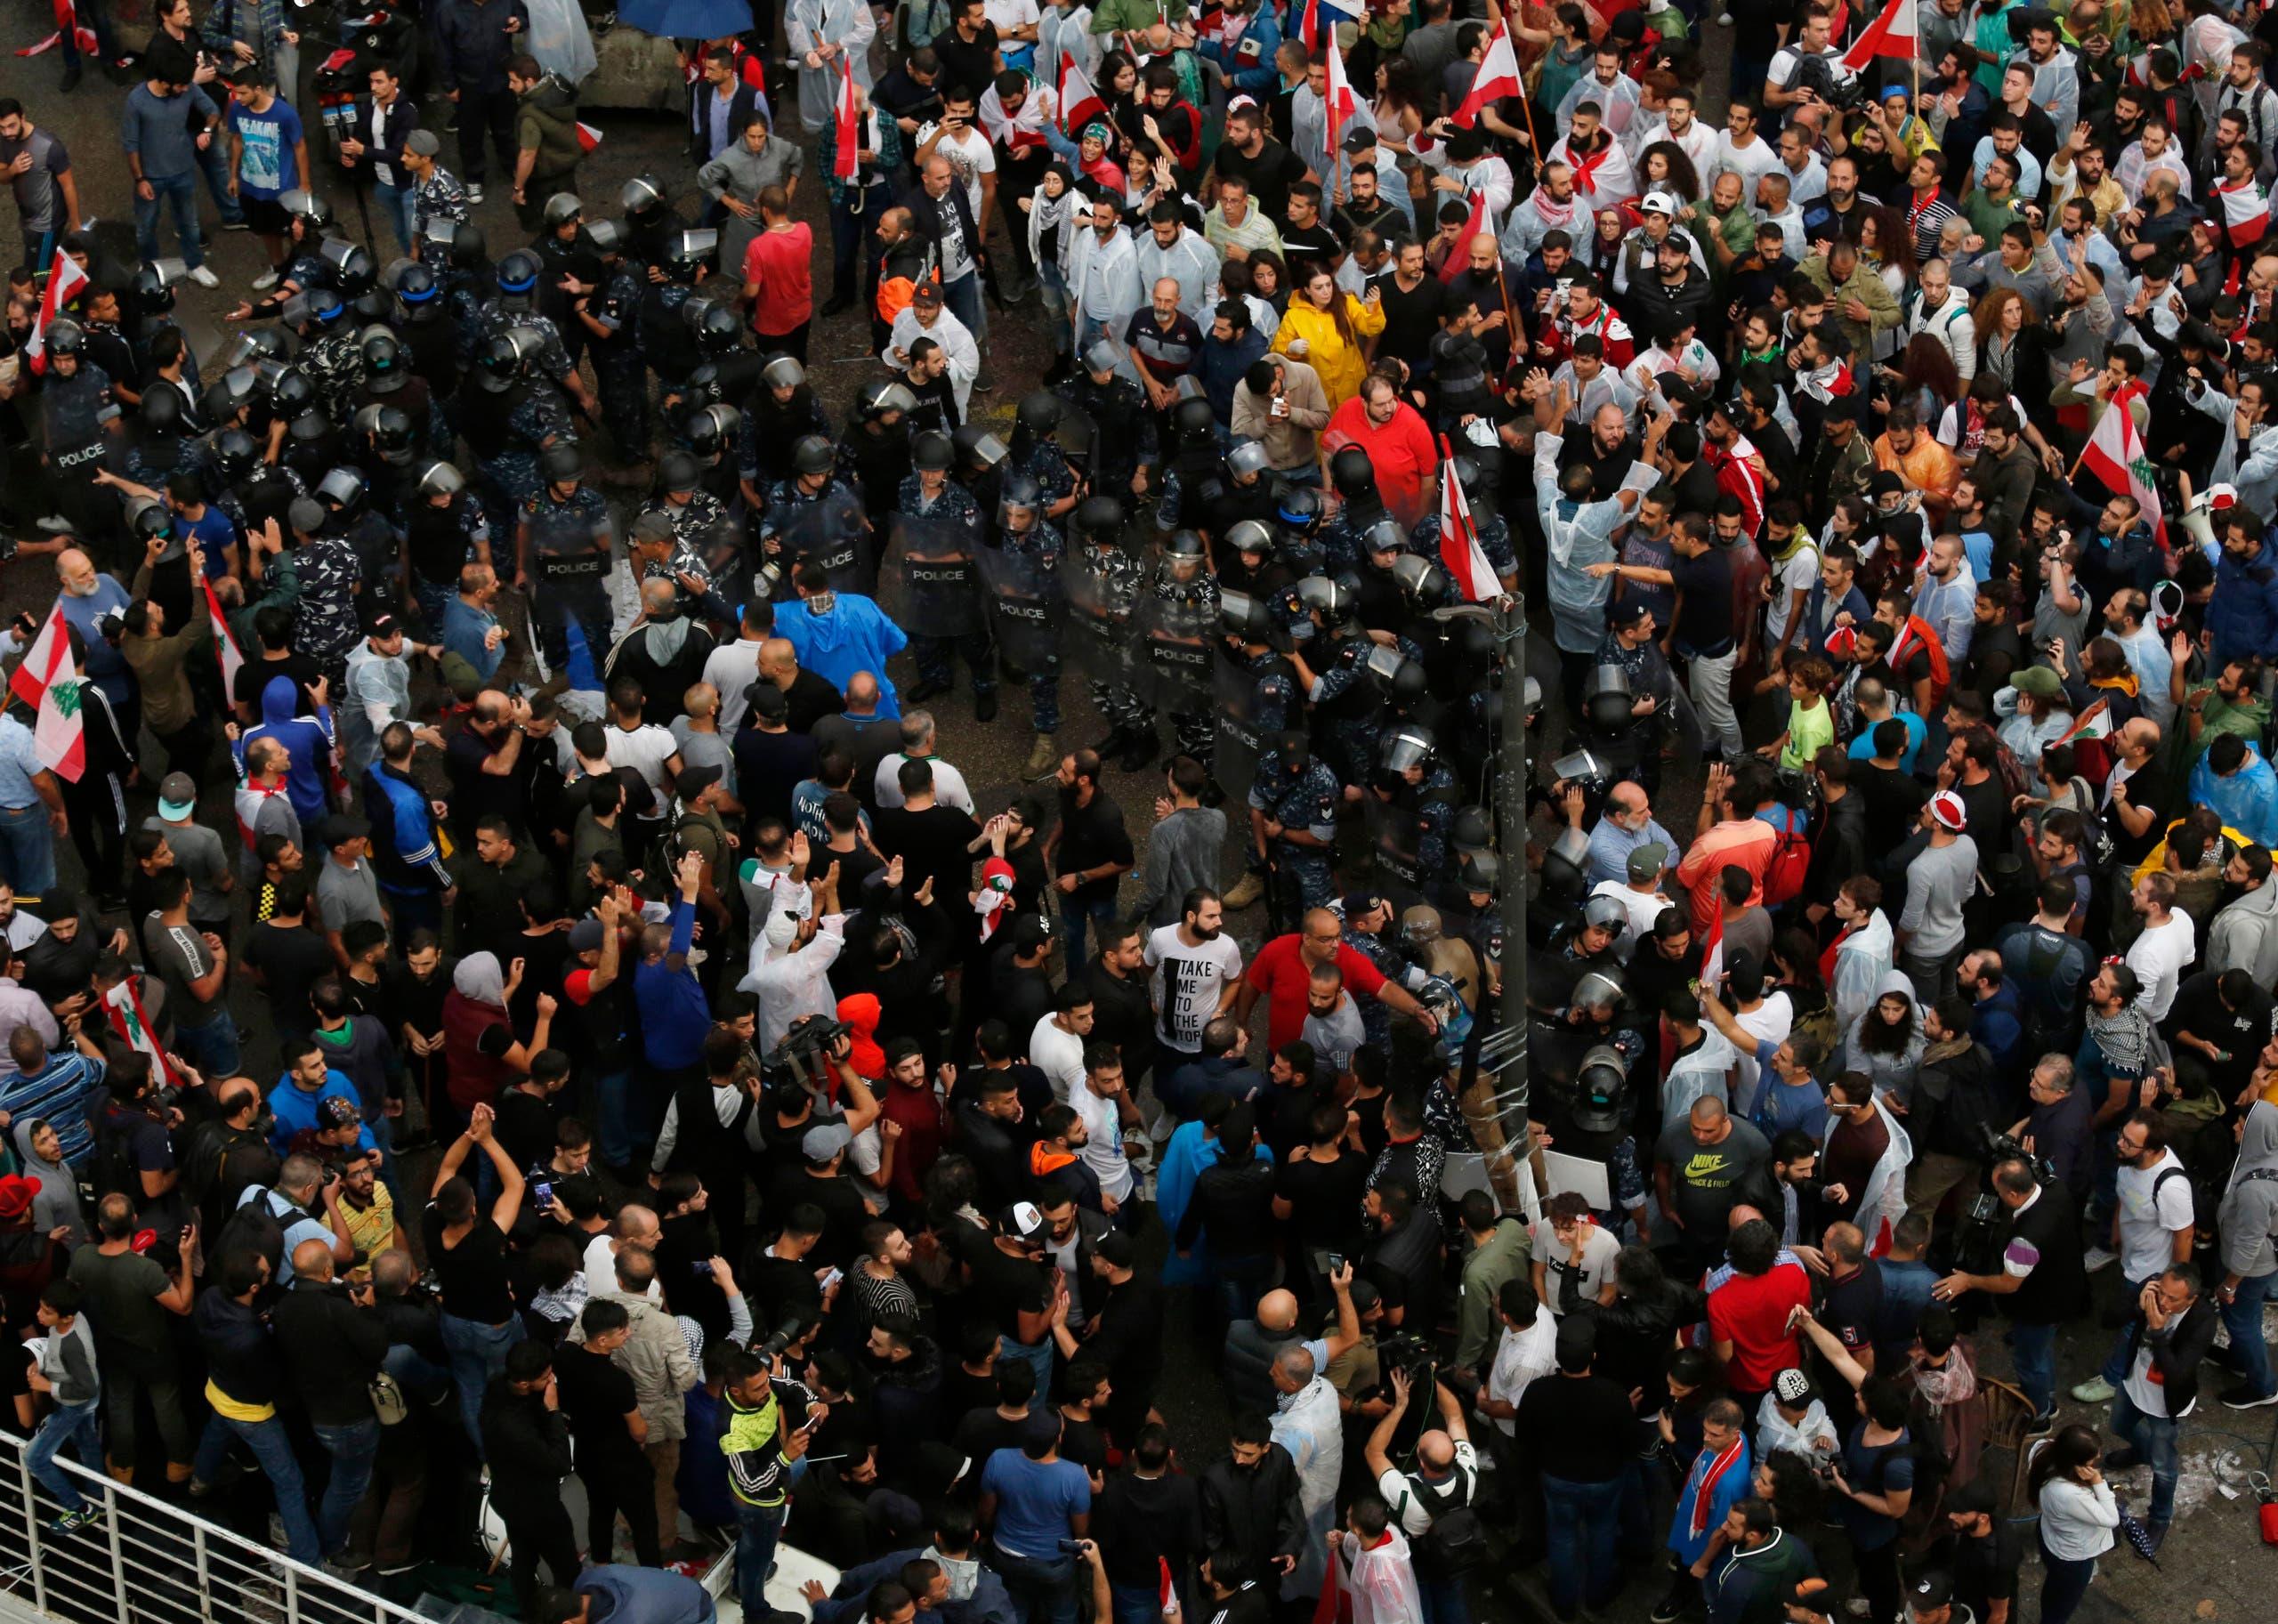 عوامل حزبالله لبنان با حضور در میان معترضان بیروتی درگیری ایجاد کردند